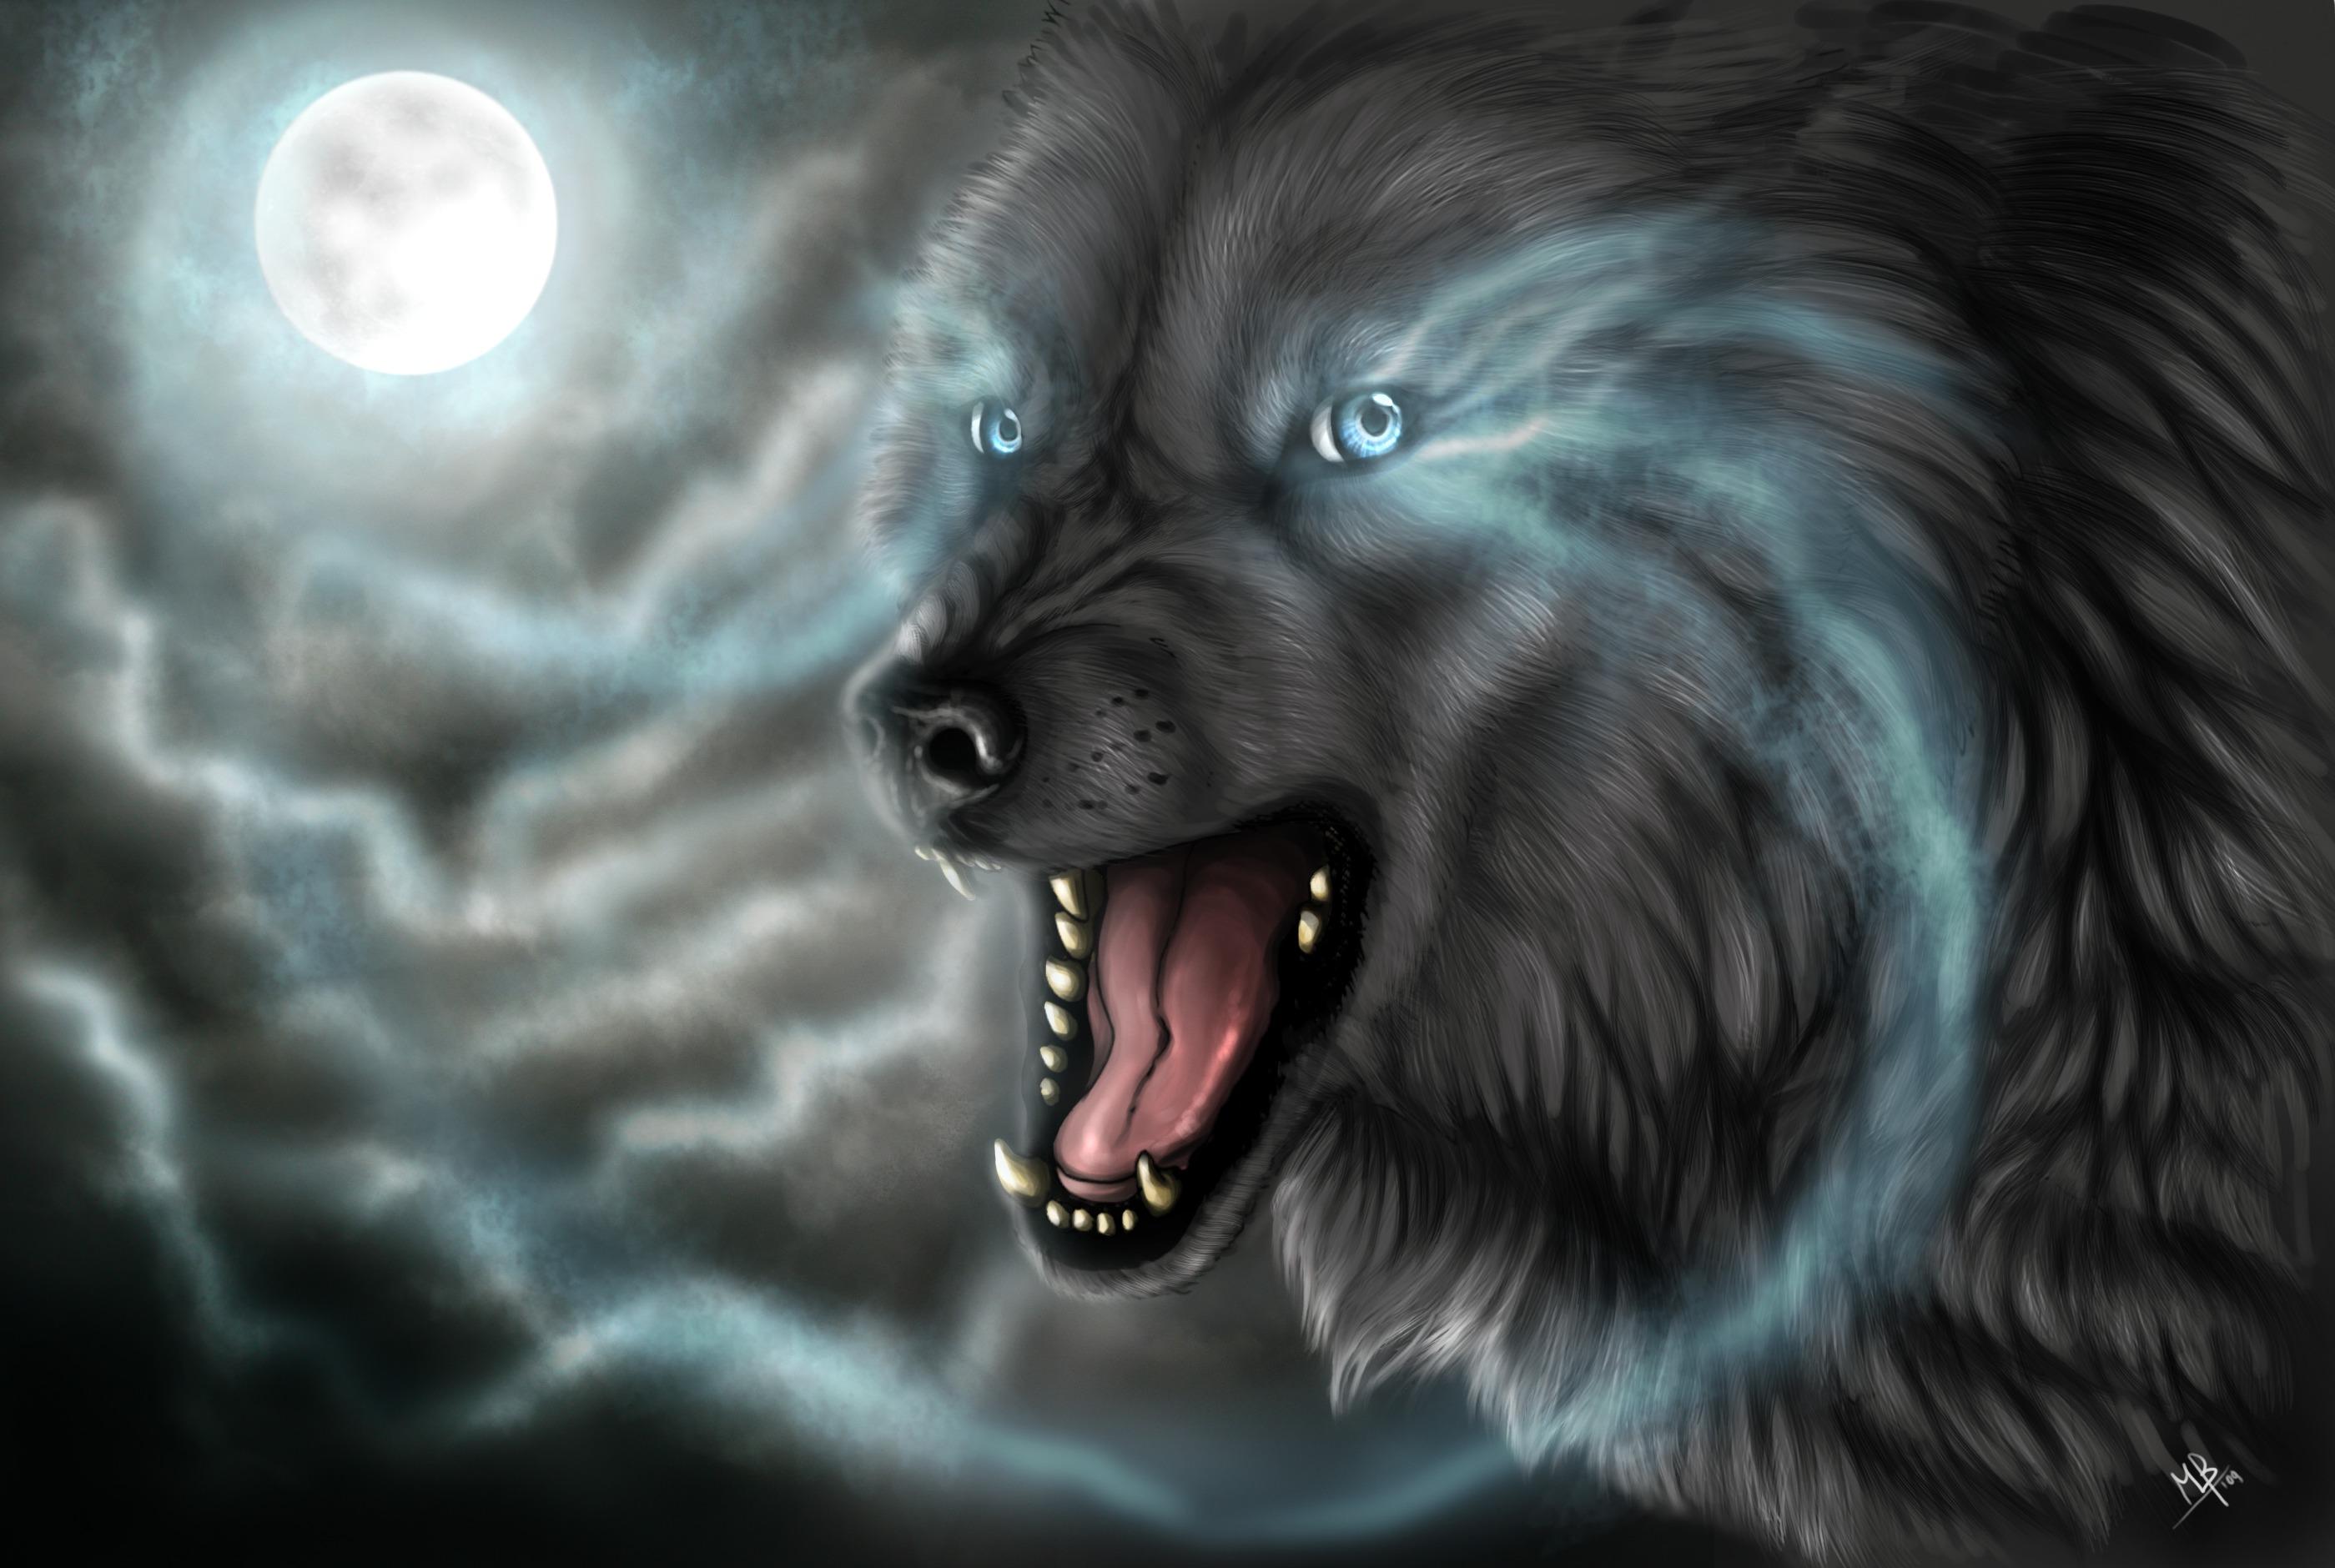 عکس های روباه و گرگ